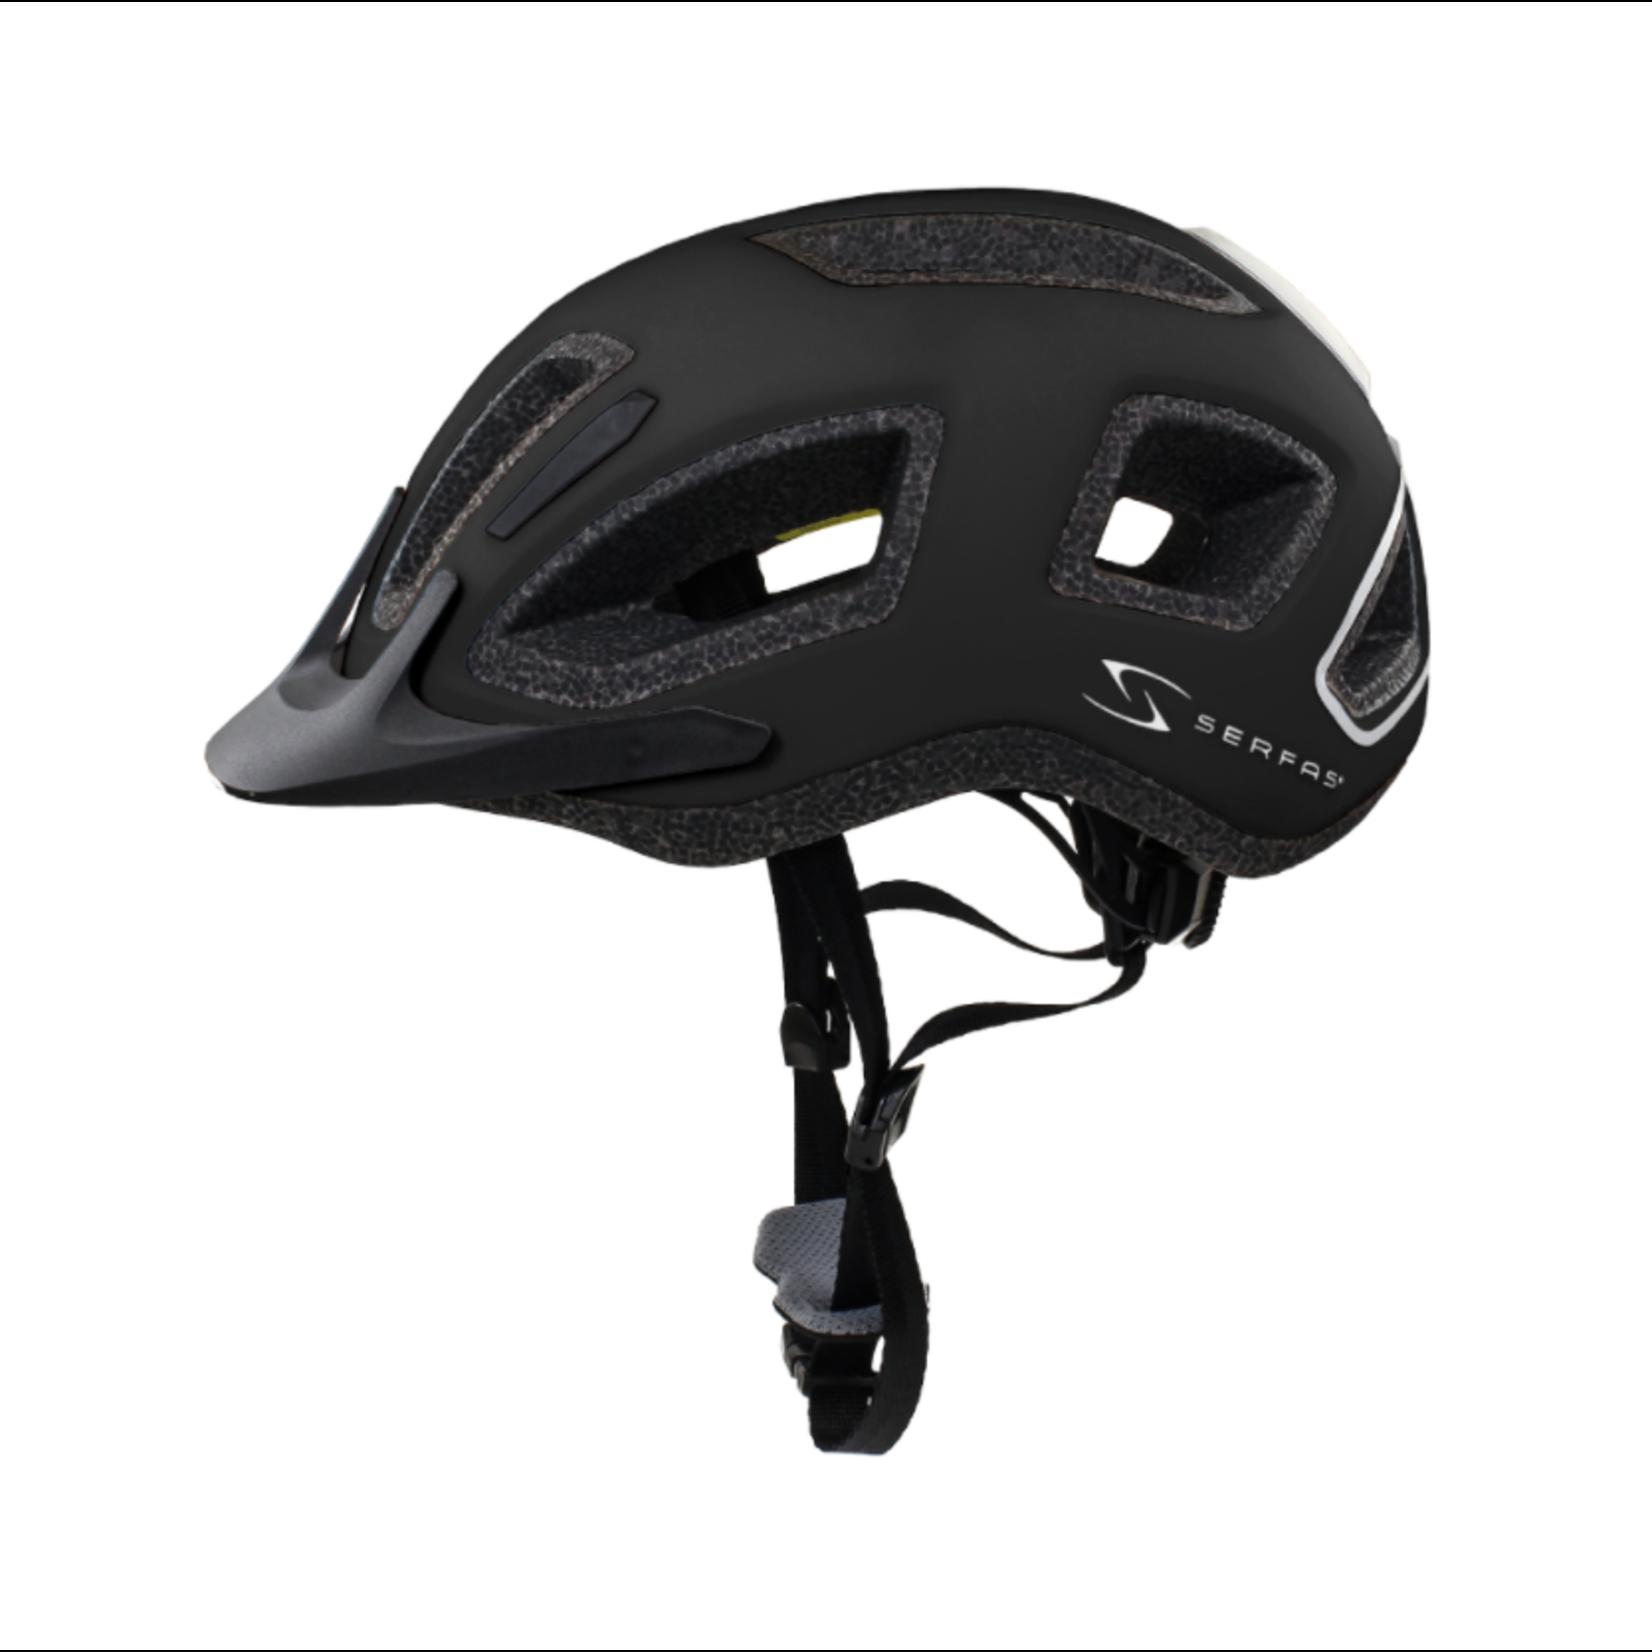 SERFAS Helmet HT-404BKGY Metro Matte Black LG/XLG (SERFAS)